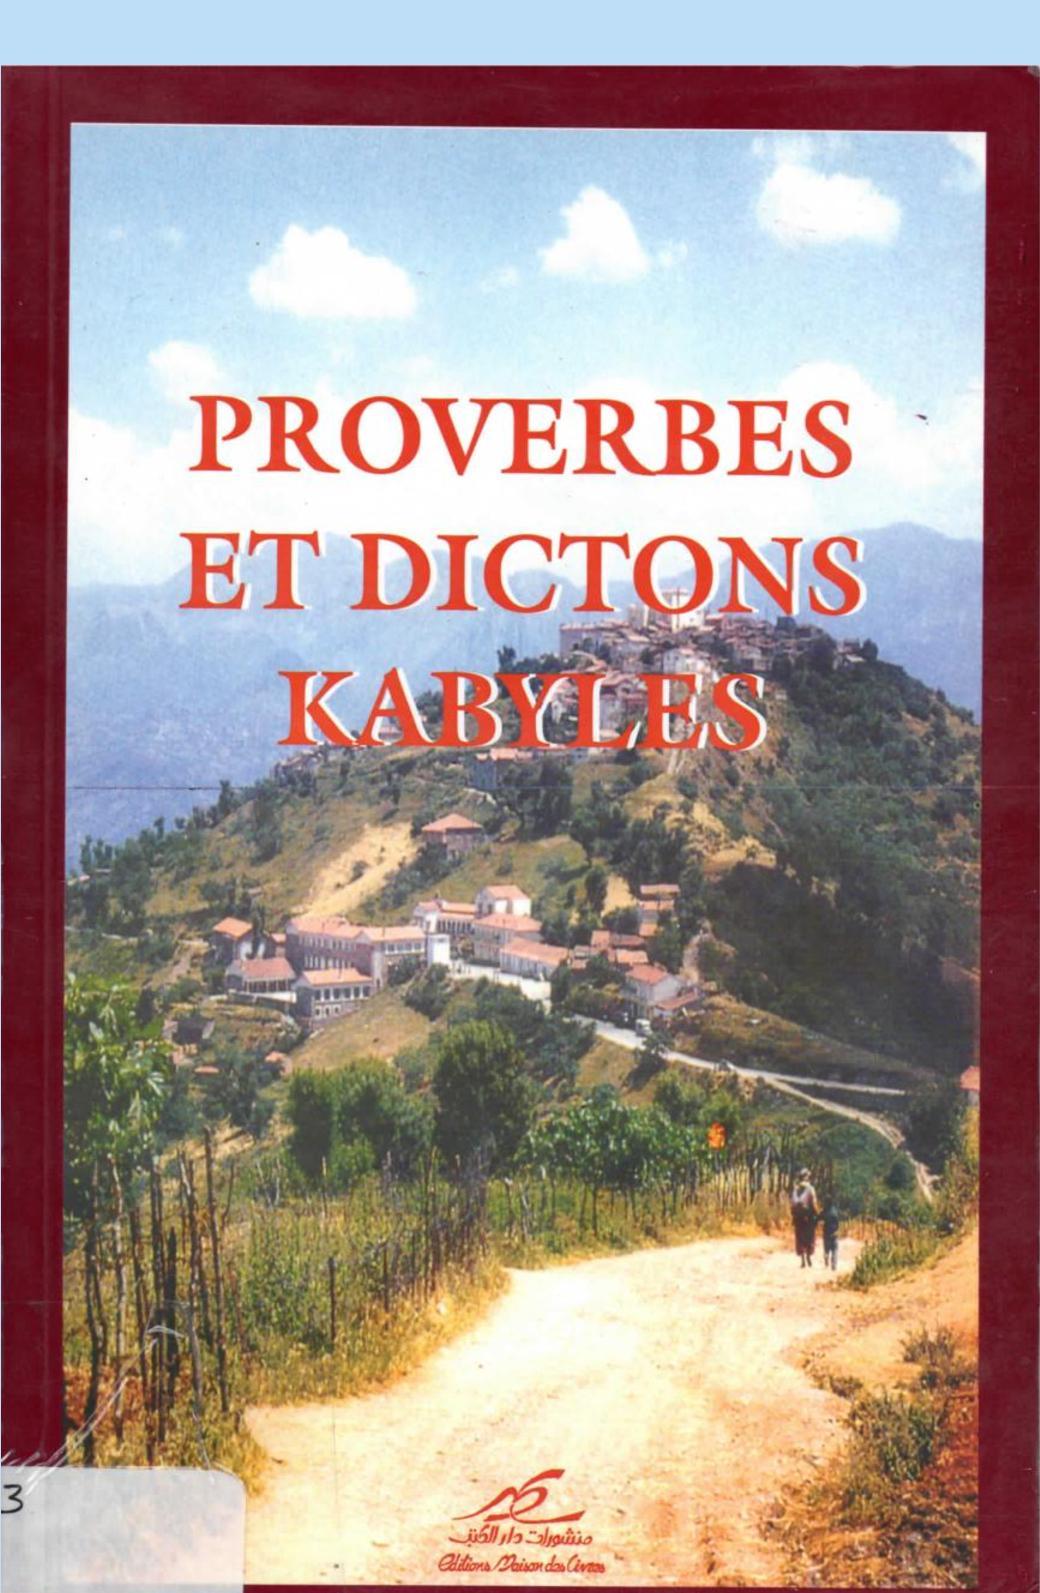 Calaméo Proverbes Calaméo Dictons Calaméo Proverbes Proverbes Dictons Dictons Kabyles Kabyles VpqzSUM